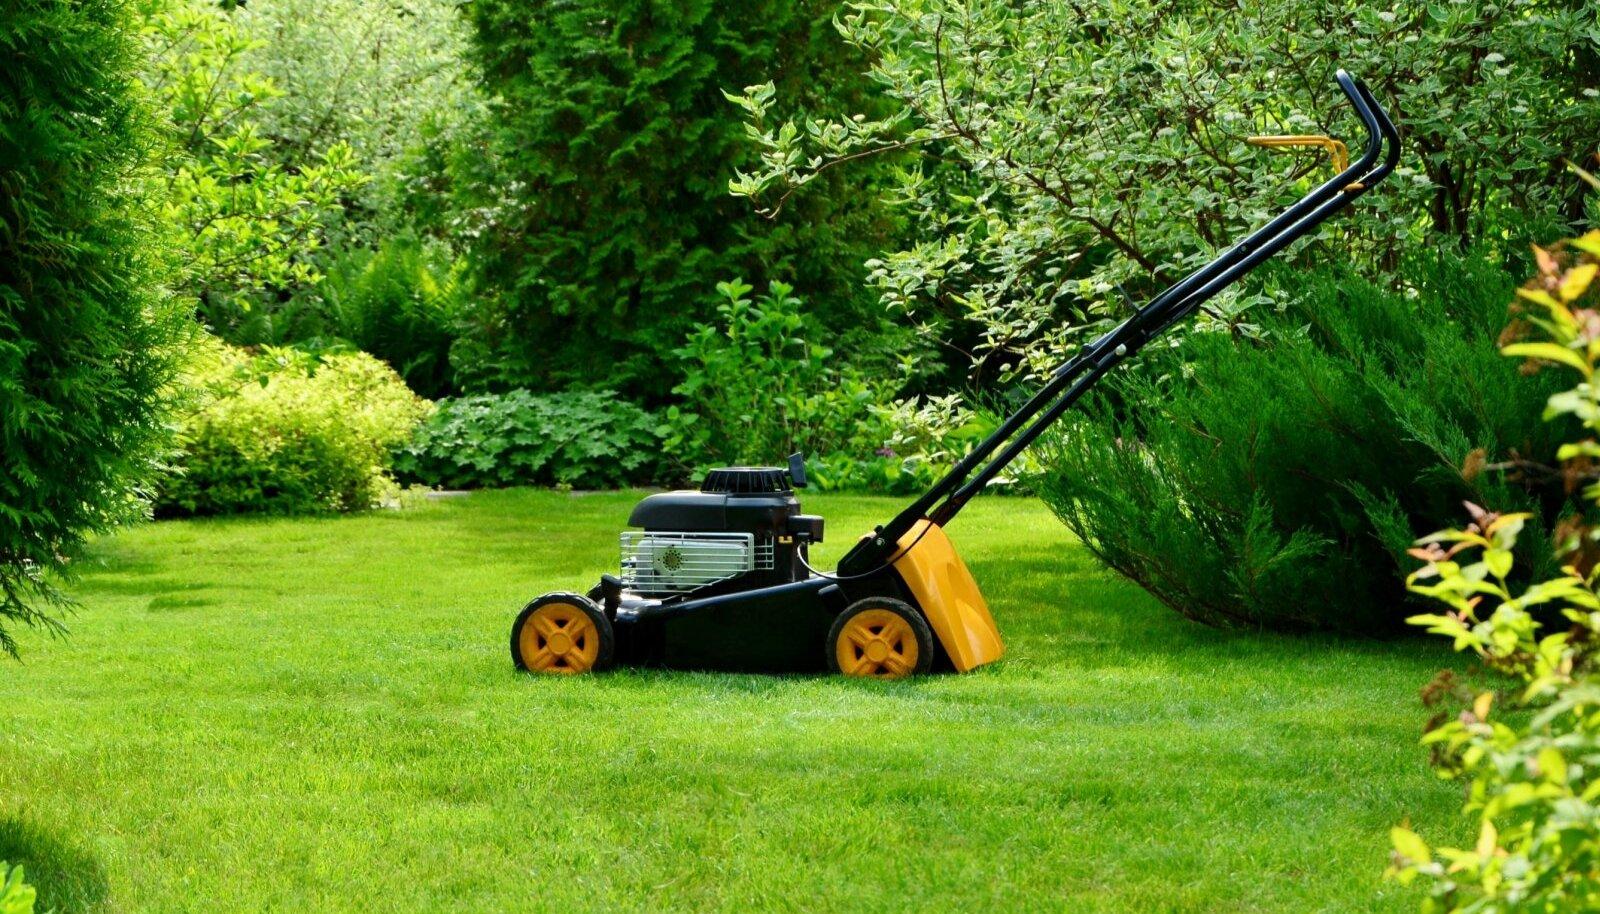 Hea manööverdusvõimega muruniiduk on parim abiline väikesesse, paljude peenardega aeda.